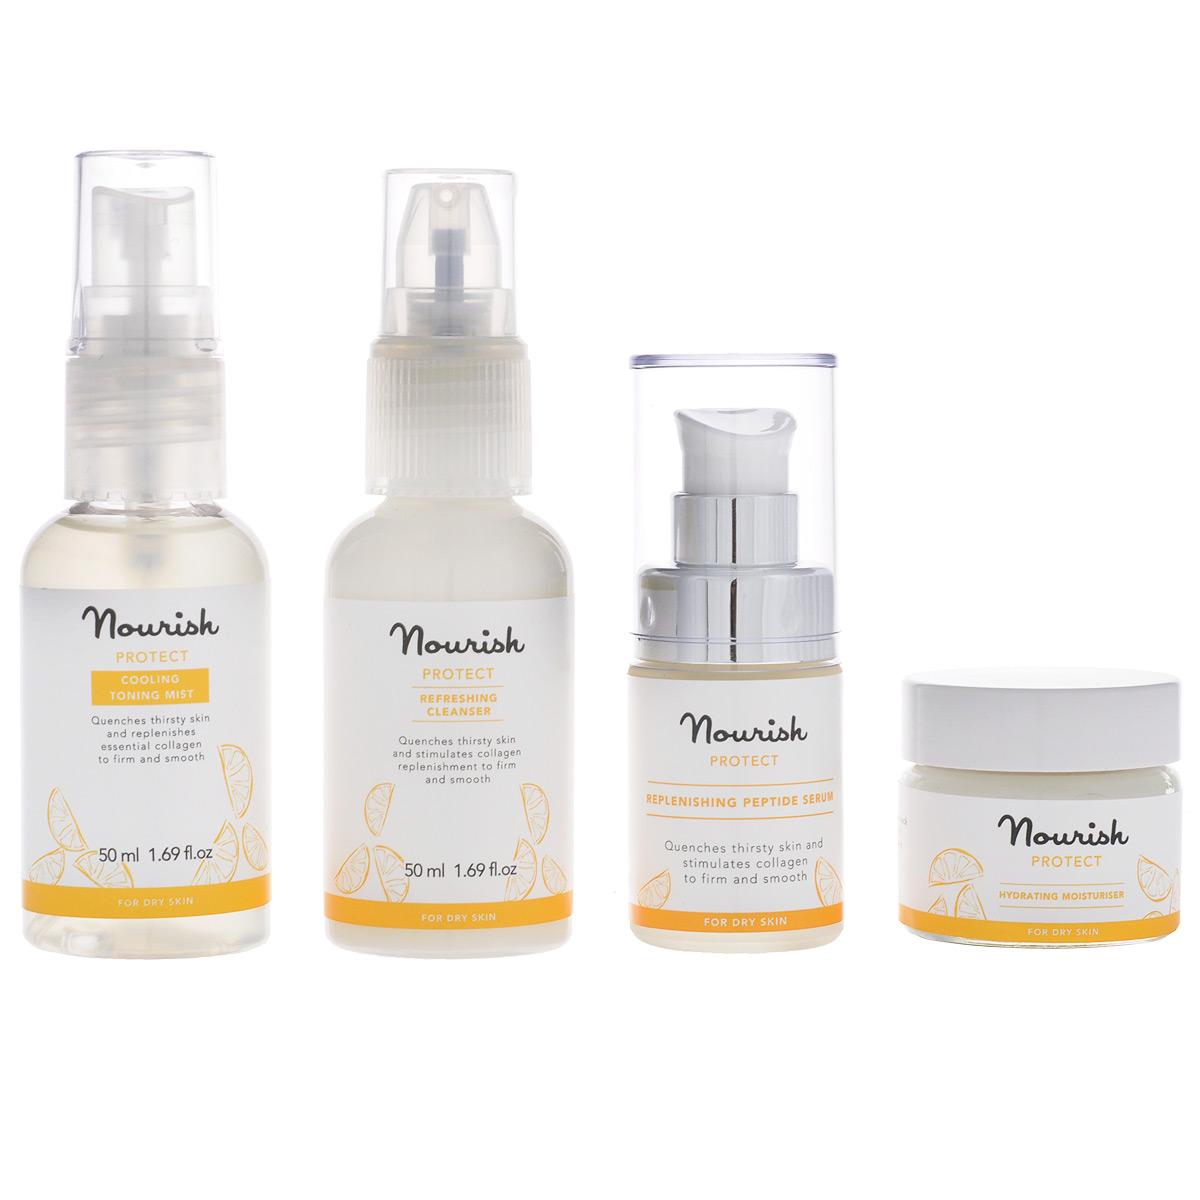 Nourish Набор миниатюр для ухода за лицом Protect, для сухой кожи: молочко, очищающее, тоник-мист, увлажняющий, крем для лица, увлажняющий, сыворотка для лица, питательнаяУТ000000999Набор миниатюр для ухода за лицом Nourish Protect для сухой кожи содержит молочко, тоник-мист, увлажняющий крем для лица ипитательную сыворотку. Набор уходовых средств для лица можно взять с собой в дорогу или положить в косметичку. А также это отличныйвариант для тех, кто любит новое и хочет познакомиться со средствами Nourish!Очищающее молочко Protect - нежная текстура в сочетании с легким цитрусовым ароматом, богатый питательный состав:- масло кожуры апельсина глубоко питает и увлажняет кожу, стимулирует лимфоток, очищает и стягивает поры;- масло кожуры мандарина тонизирует и освежает утомленную кожу, выравнивает рельеф эпидермиса, возвращает коже эластичность иупругость, разглаживает морщины, а также улучшает цвет и состояние кожи.Увлажняющий тоник-спрей Protect для сухой кожи лица с солнечным ароматом цитрусов рекомендован для ежедневного применения.Он может использоваться по мере необходимости в течение дня, а также в качестве вспомогательного средства при ежедневном уходе,например, после очищающего молочка, но перед использованием увлажняющего крема. Входящие в его состав масла кожуры апельсина и мандарина делают кожу более упругой и гладкой, помогают при борьбе с морщинами,снимает мышечное напряжение. Также обладают отбеливающим свойством, способствуют осветлению пигментных пятен. Регулируют pH-баланс кожи, освежают и увлажняют ее. Бодрящий аромат и уникальные свойства масел апельсина и мандарина в составе защитного увлажняющего крема Protect для сухойкожи - залог прекрасного самочувствия в период зимнего дефицита солнца, резкого снижения влаги в сухом воздухе помещений и на улице. На 84% состоит из органических компонентов.Благодаря дополнительным органическим маслам шиповника и подсолнечника крем естественным образом защищает питает, насыщает иувлажняет вашу кожу.Алоэ вера барб